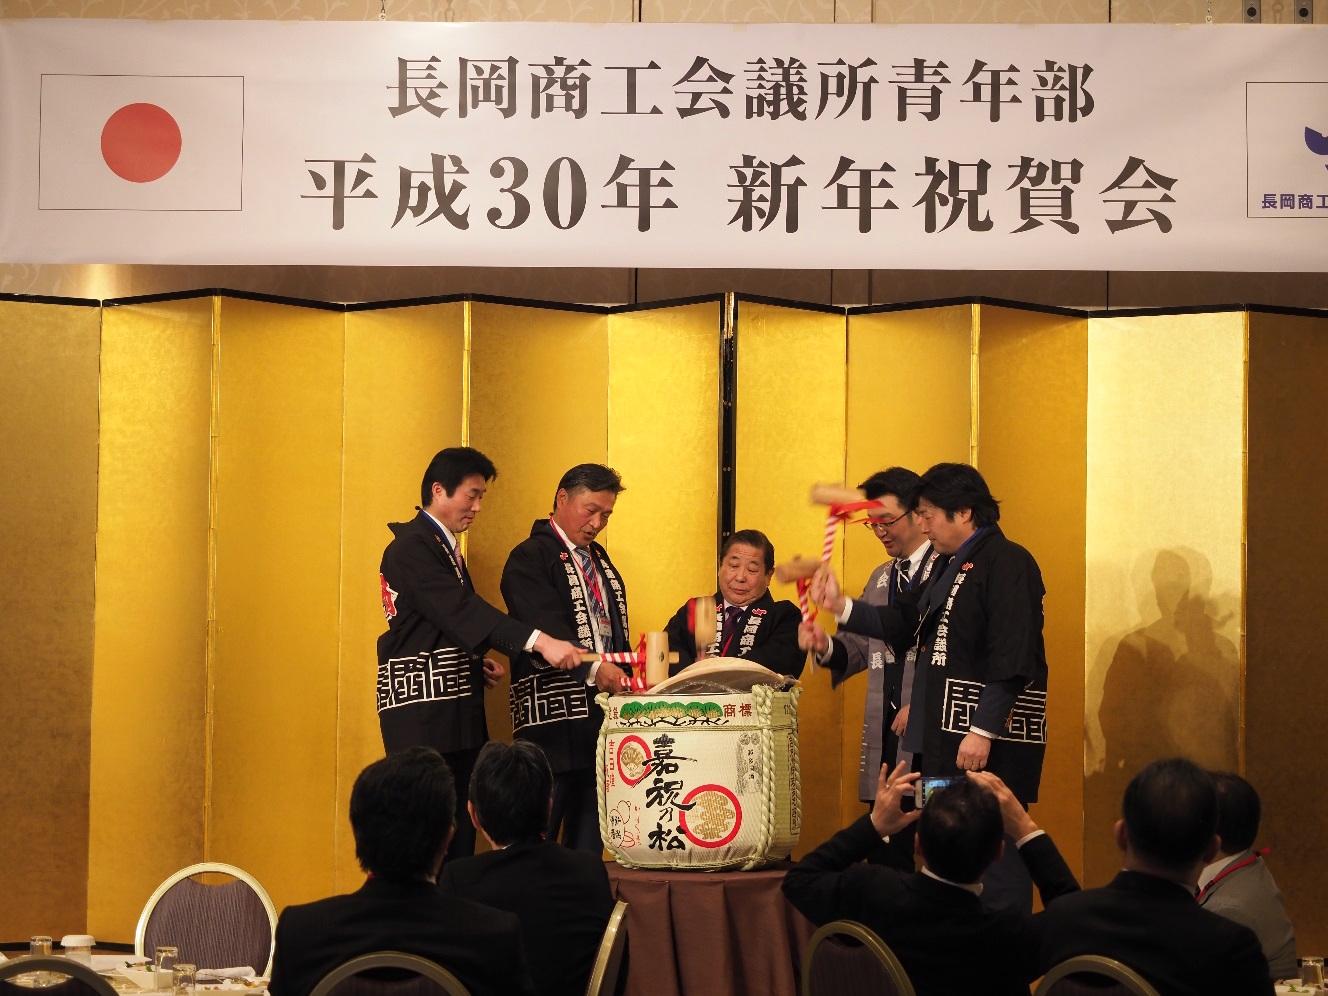 平成29年度 長岡商工会青年部 臨時総会・新年祝賀会7